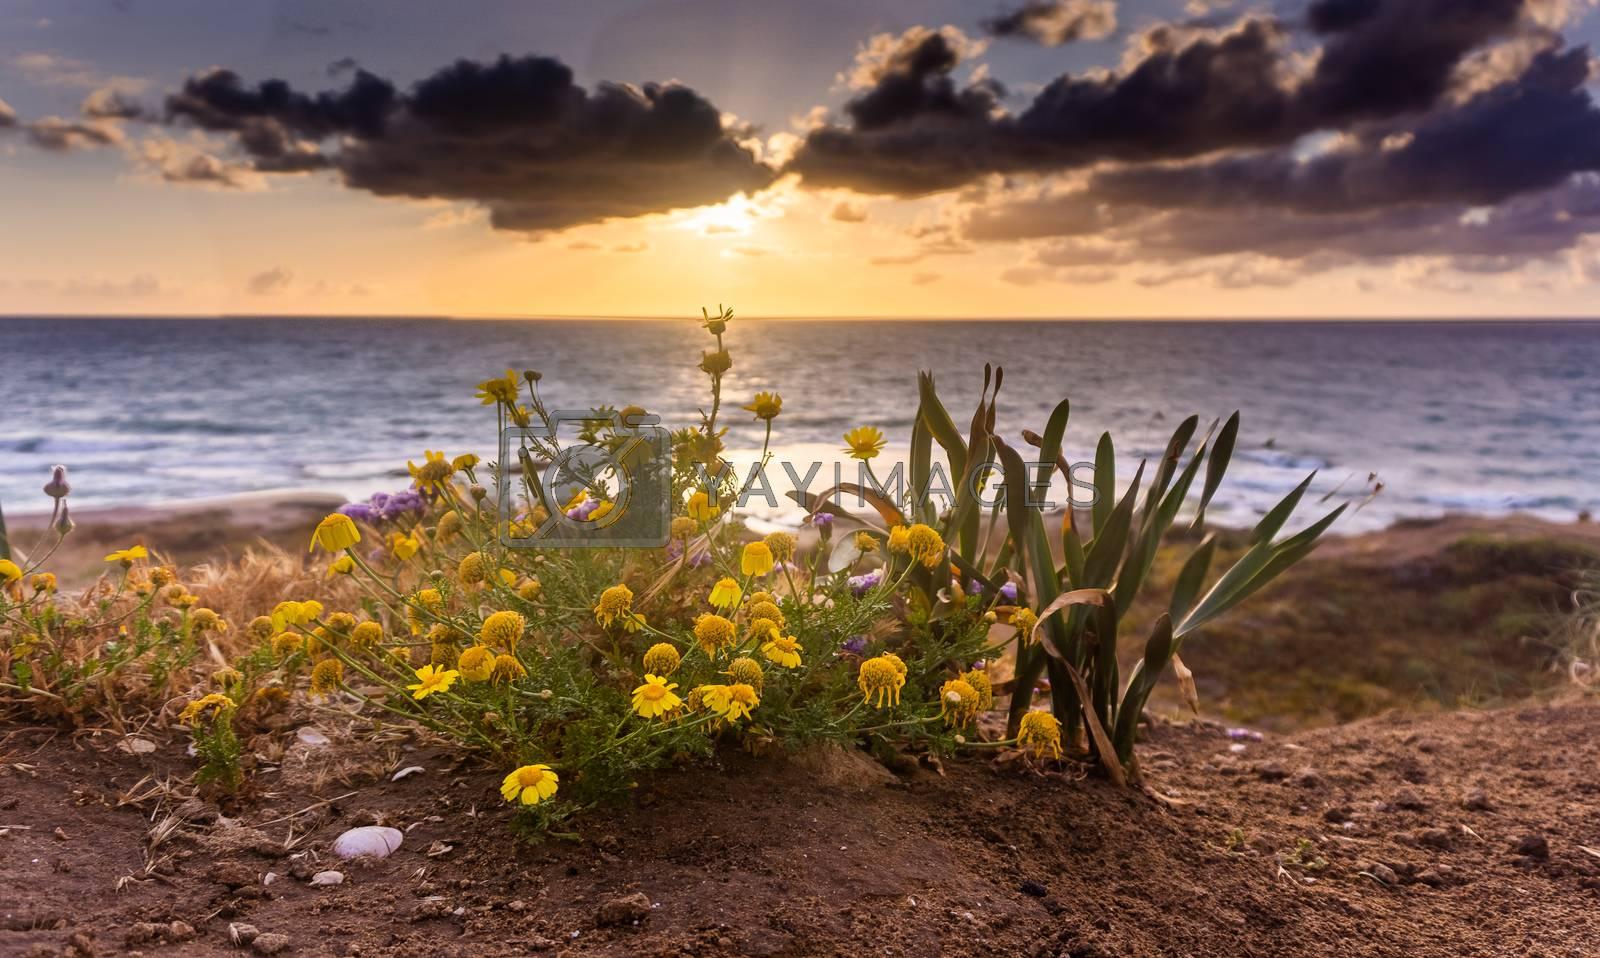 Flowers on mediterranean beach in sunset sea view by javax